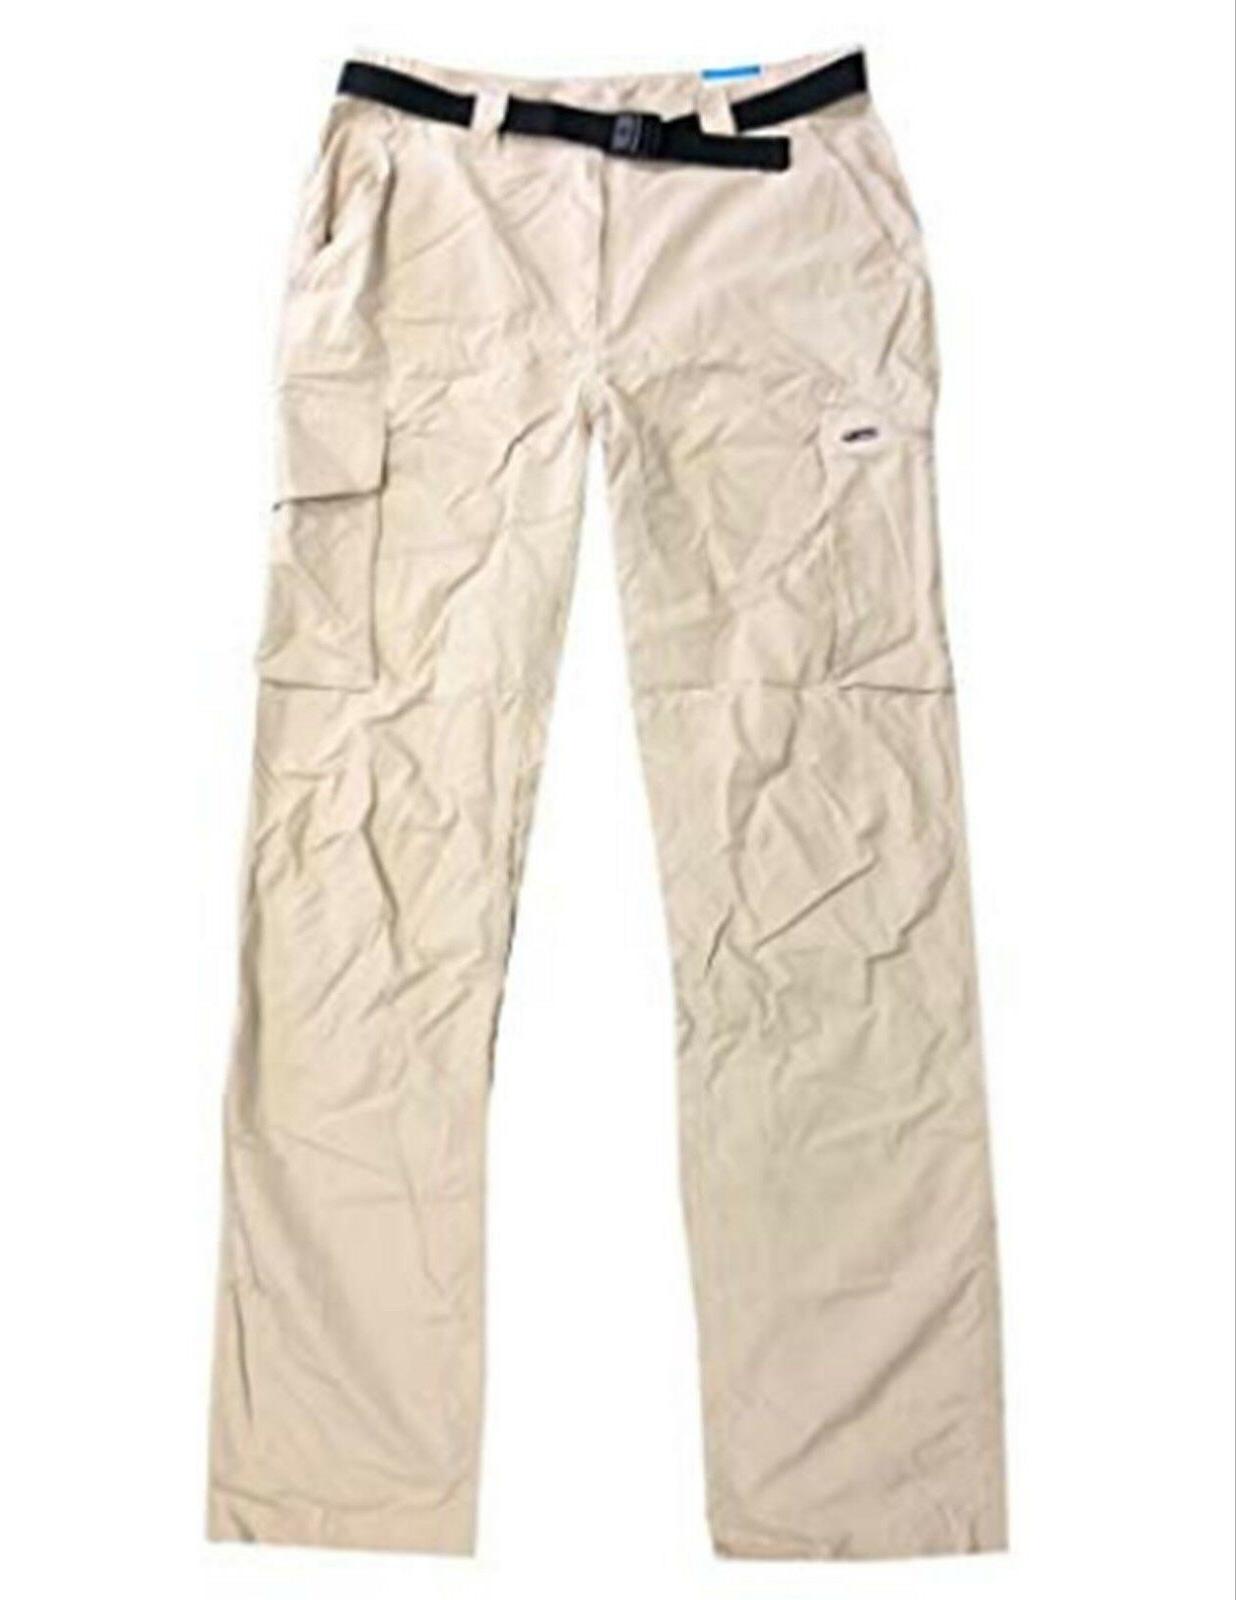 New Columbia Men's Kestrel Trail Pants UPF 50 Beige Tan Foss